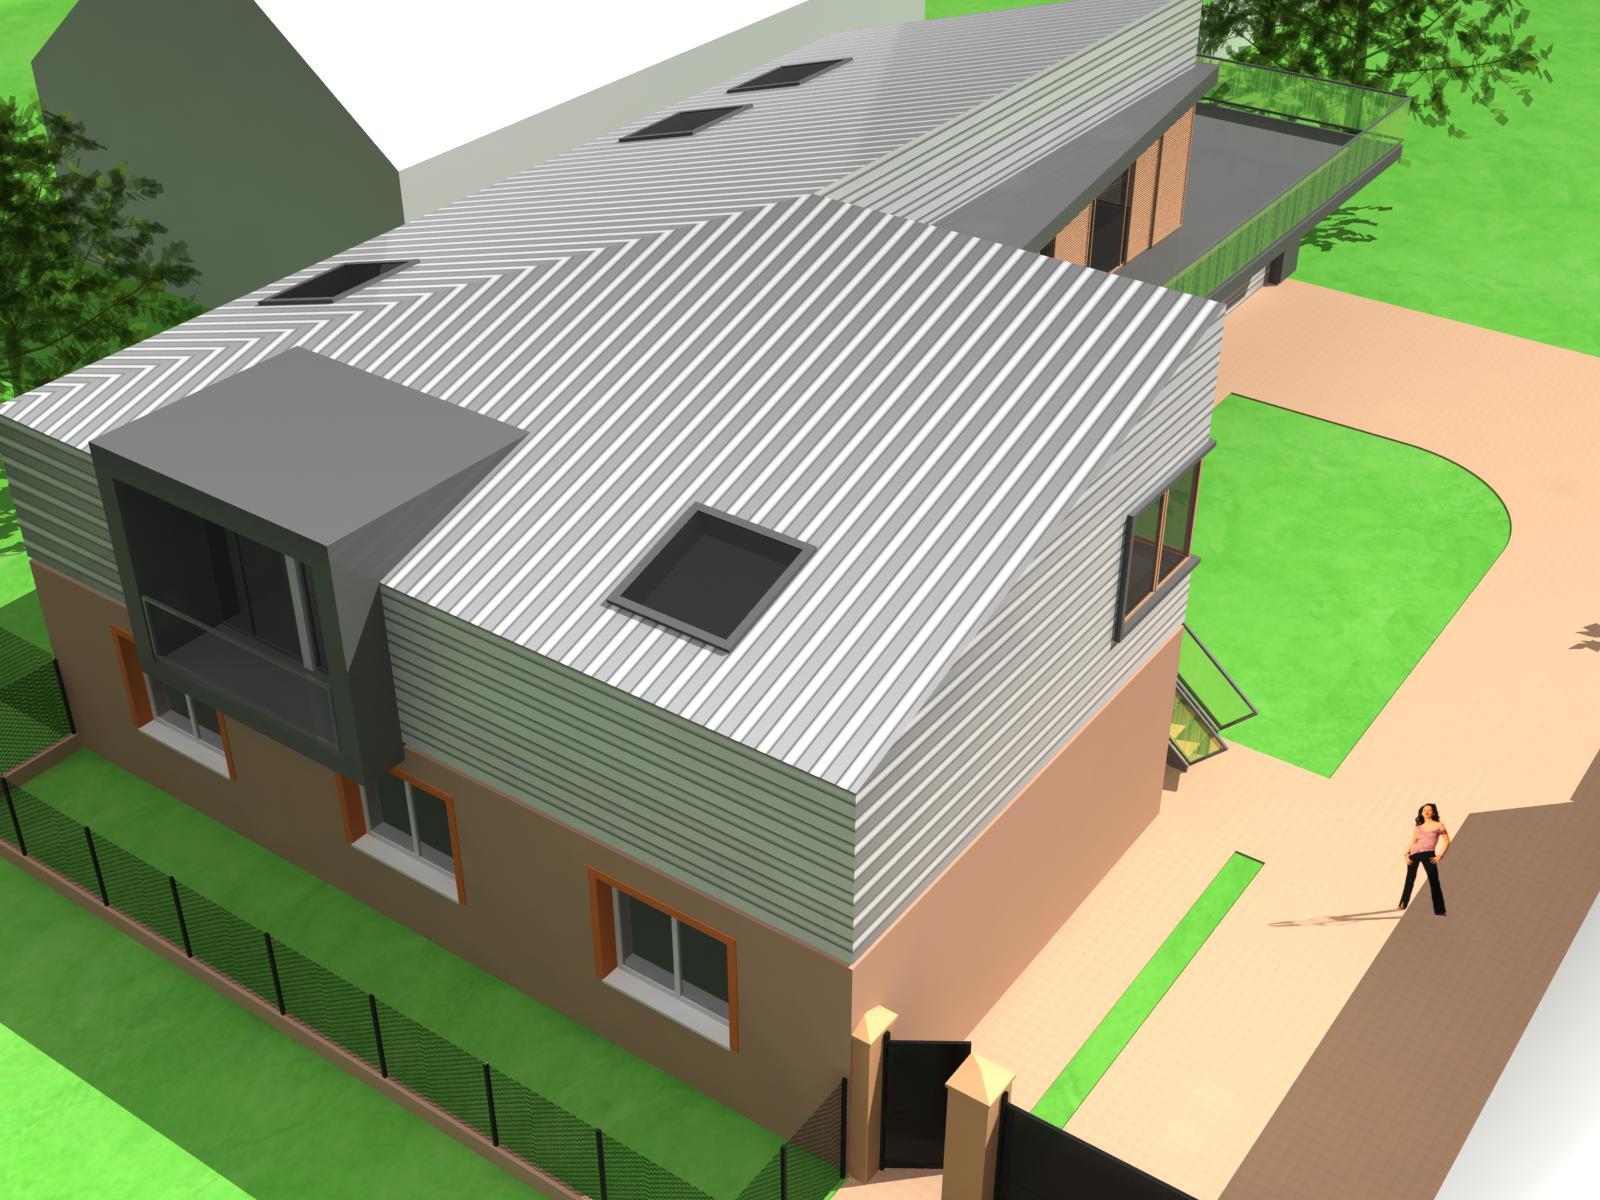 Projekt stavby rodinného domu I 05